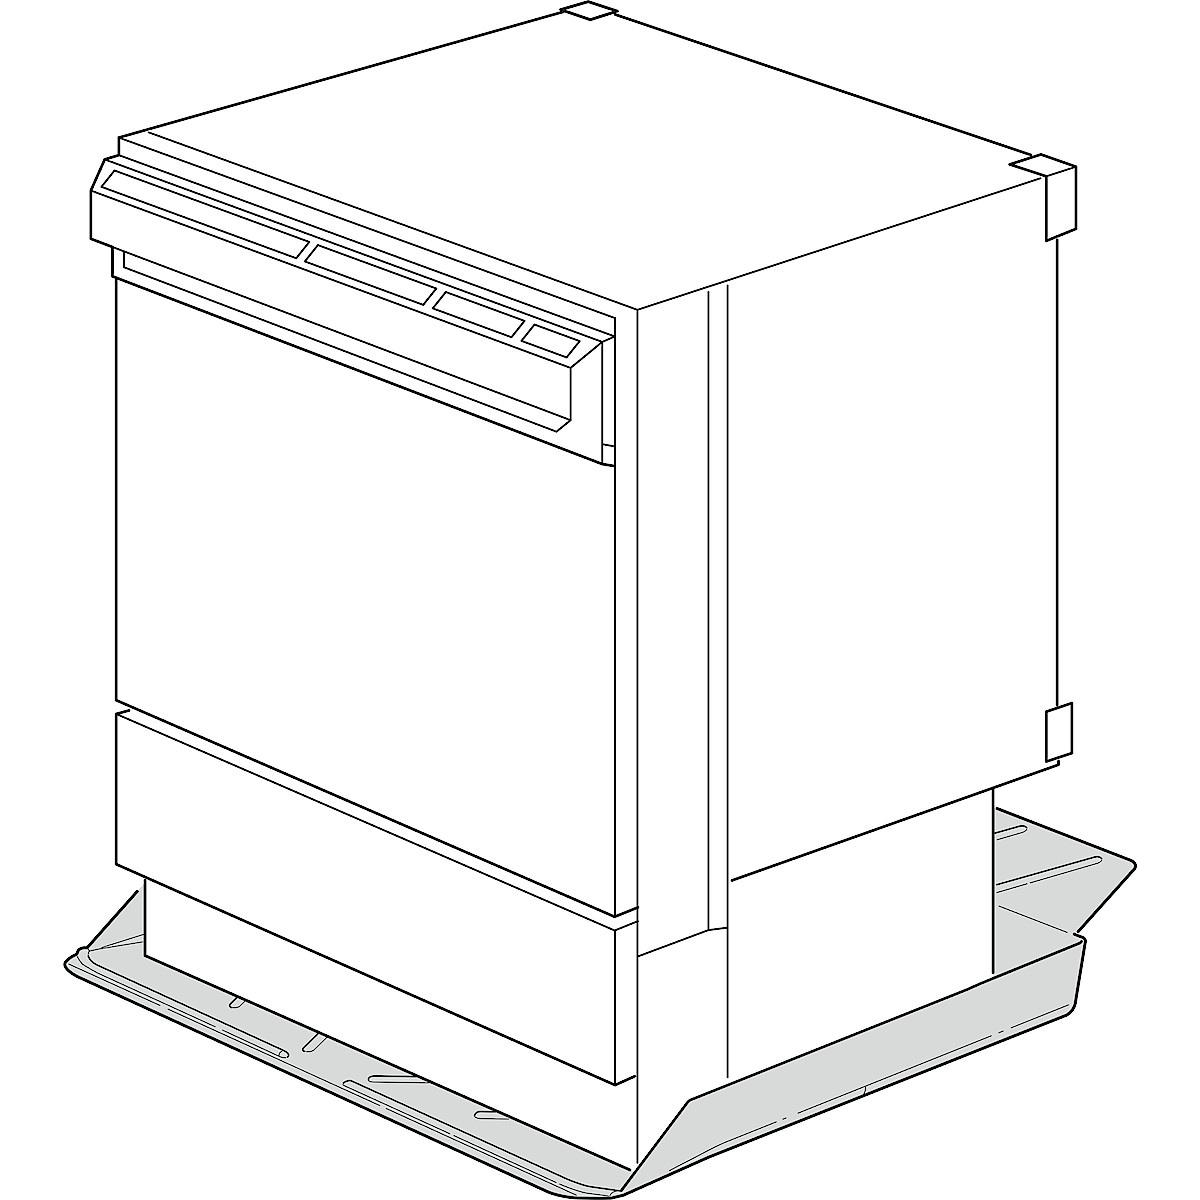 Underlägg för diskmaskin och kyl/frys